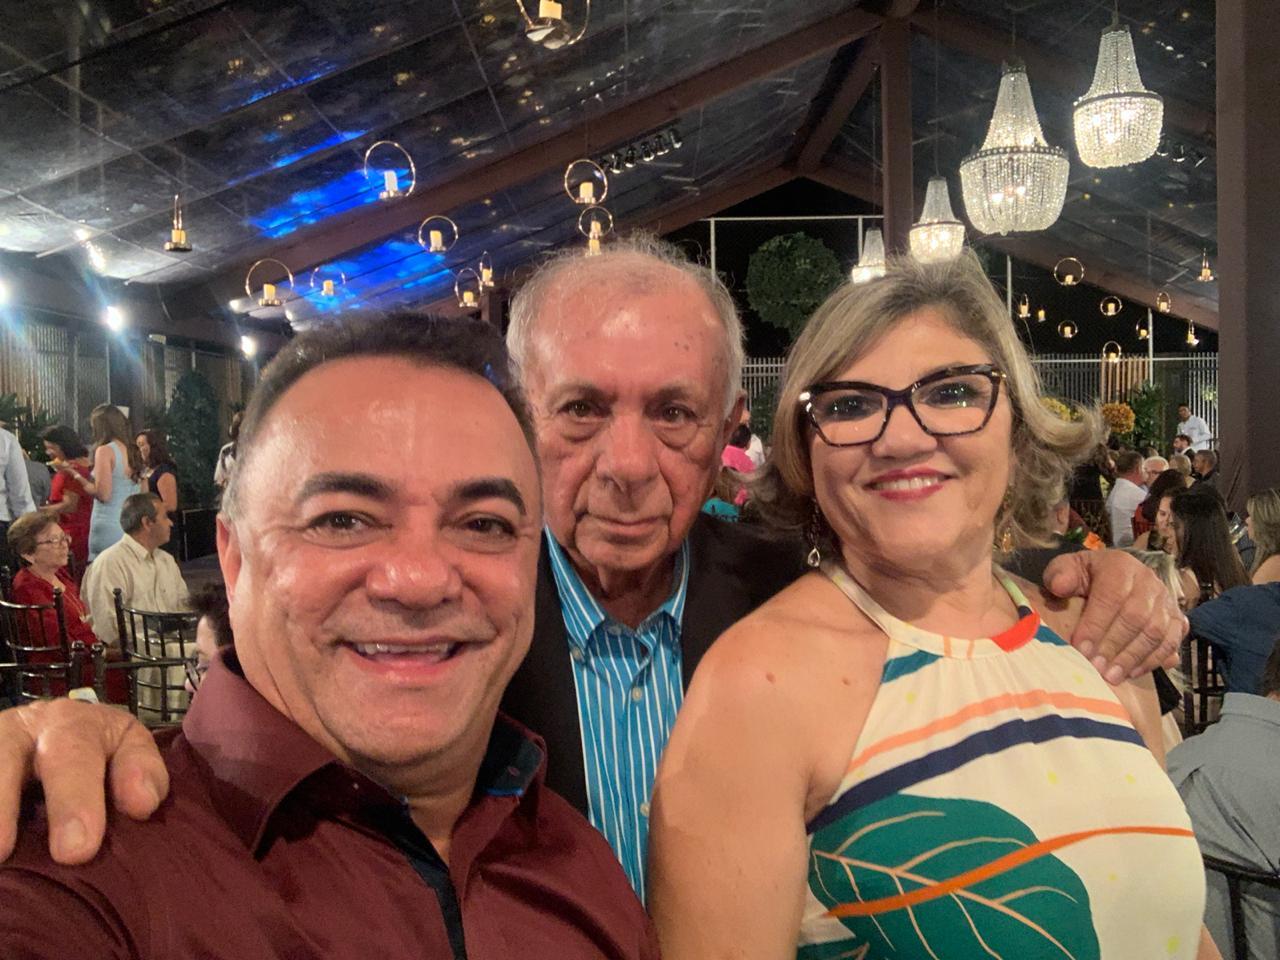 WhatsApp Image 2019 09 22 at 10.04.41 1 - Políticos e empresários comemoram os 90 anos de Zé Cavalcanti, em Cajazeiras - VEJA FOTOS E VÍDEOS